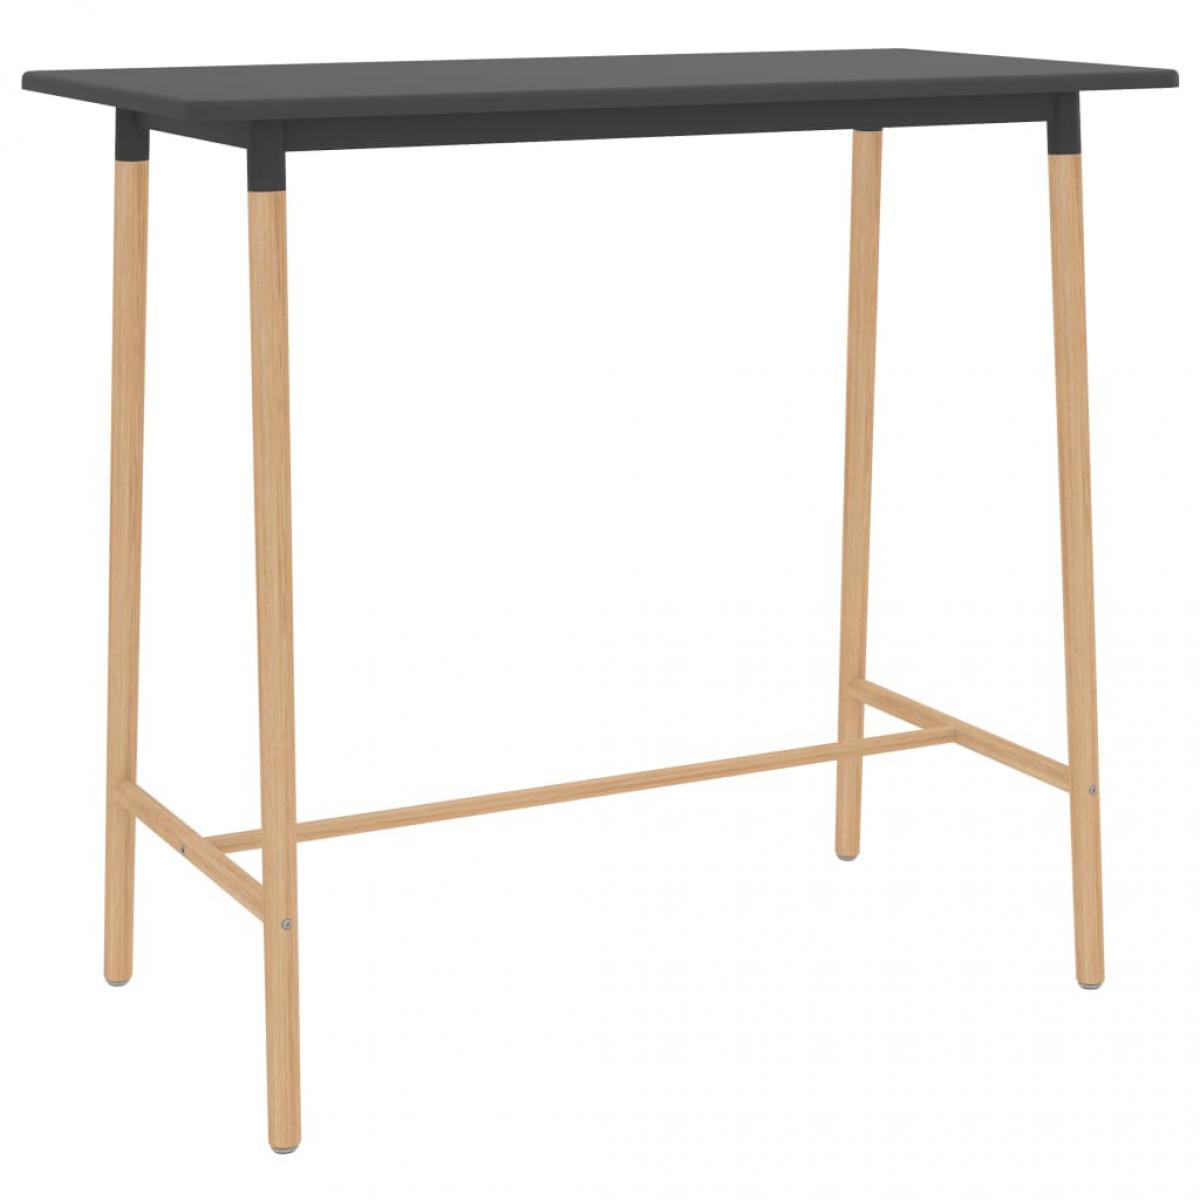 Chunhelife Table de bar Gris 120x60x105 cm MDF et bois de hêtre massif